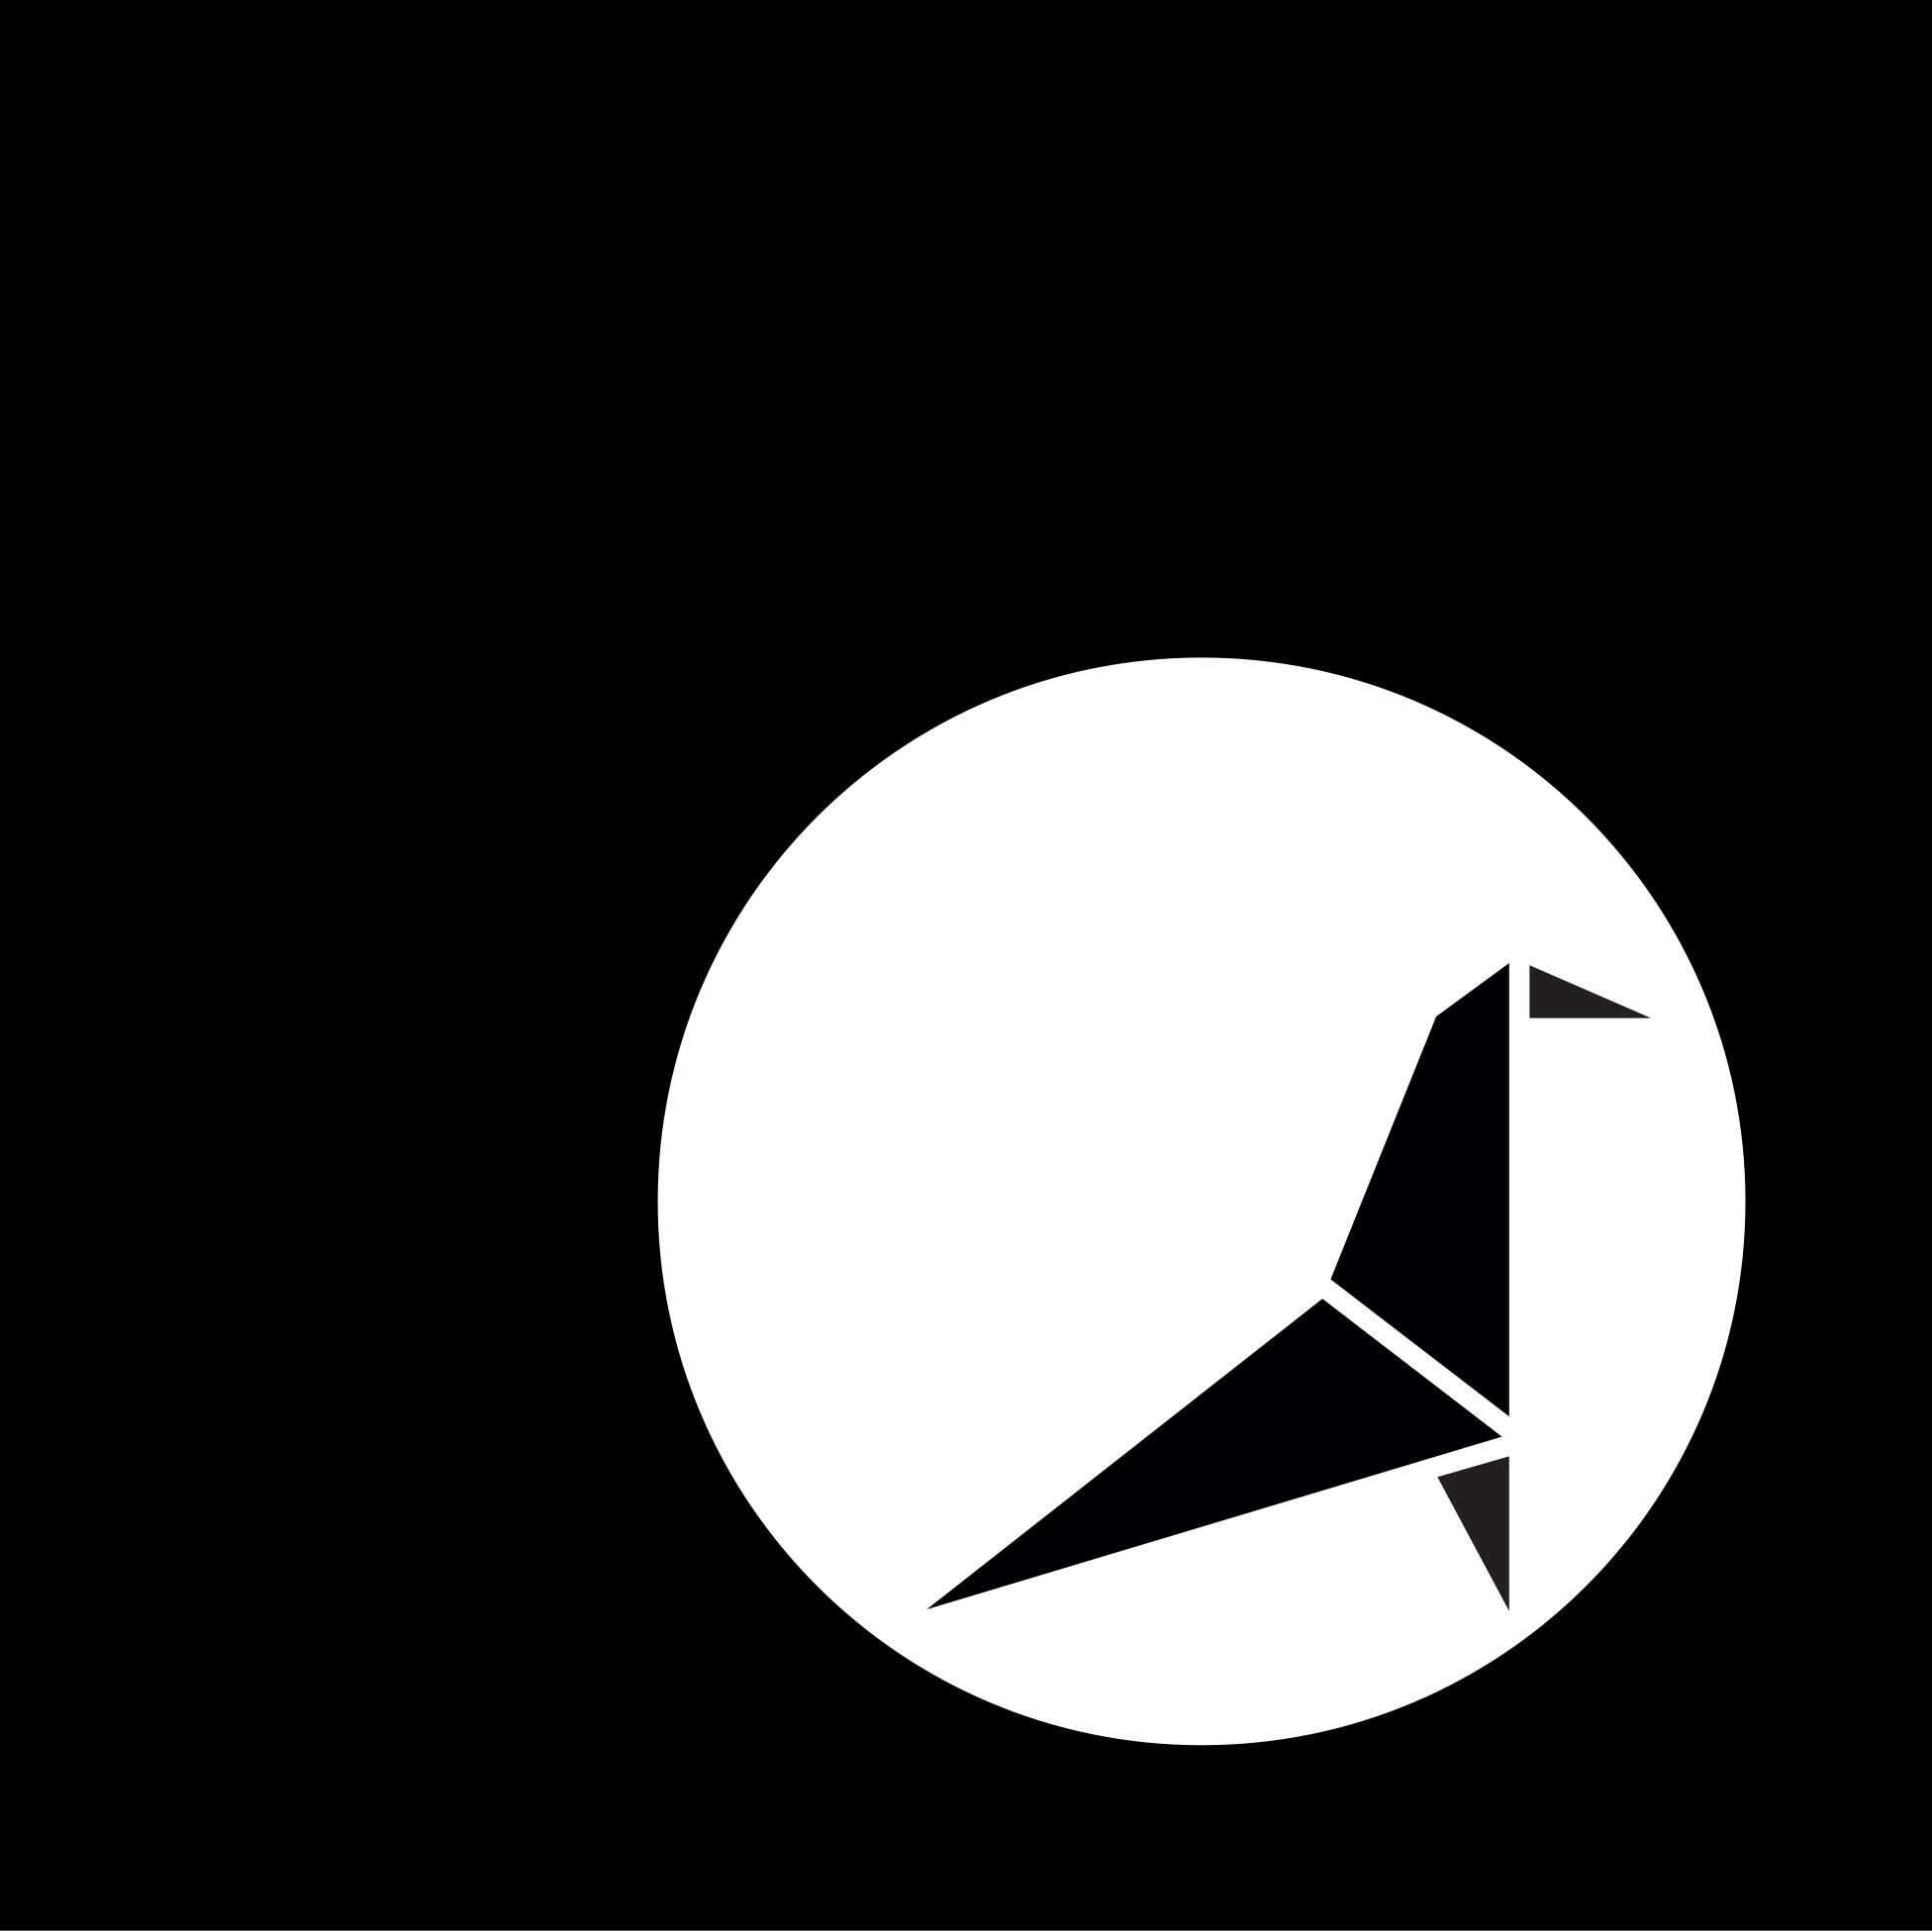 miss-cloudy-kaito-coffee-logo.jpg